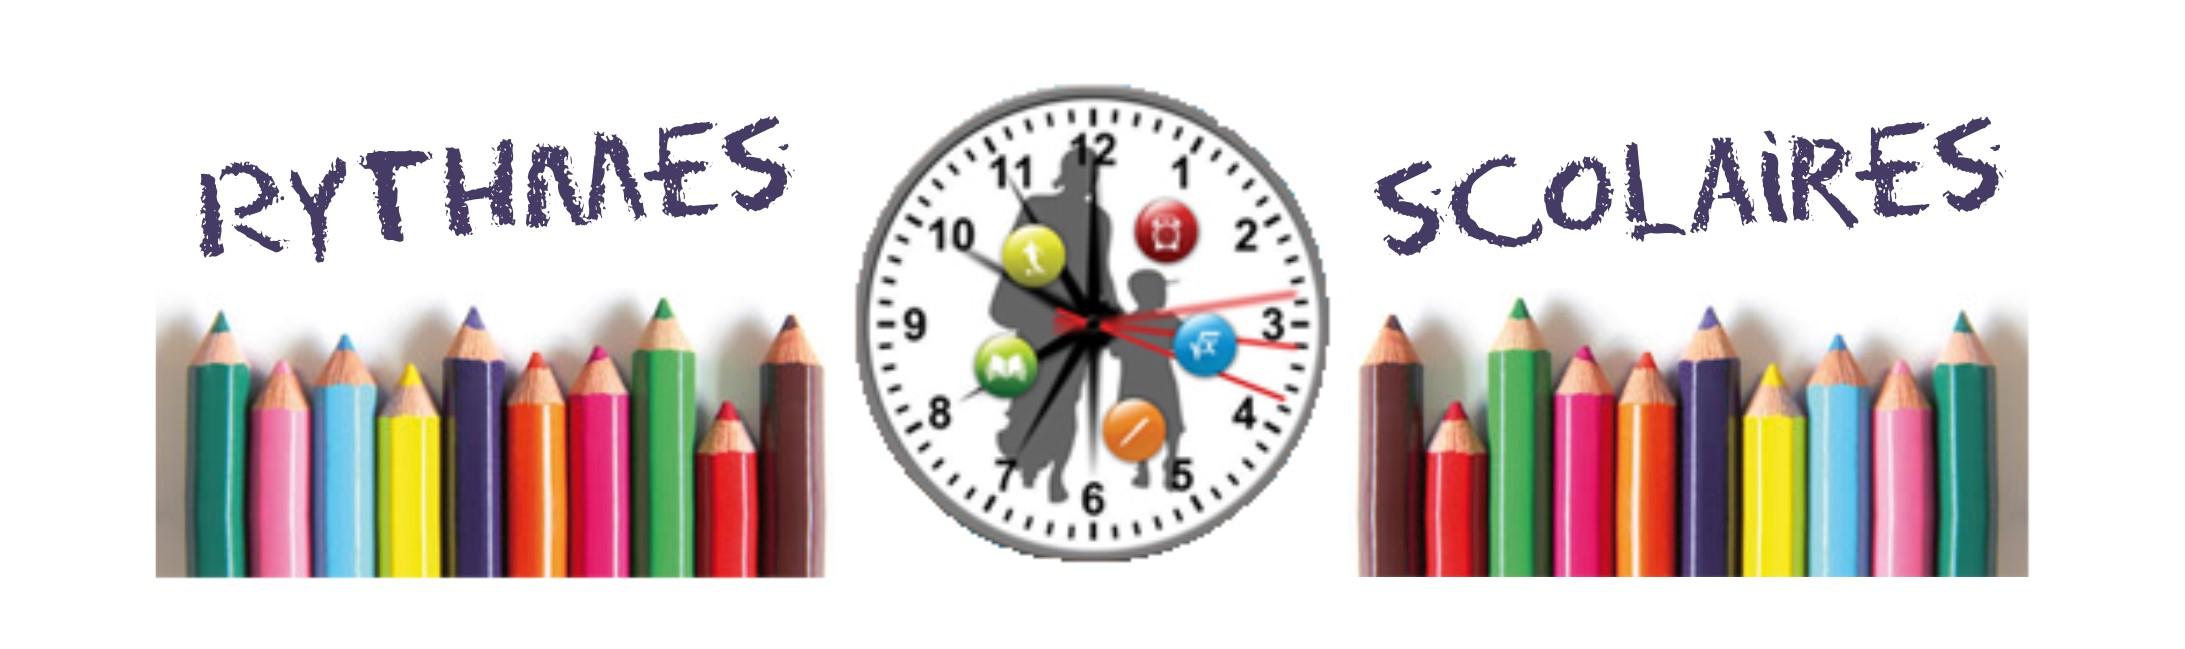 Rythmes scolaires – Inscription aux TAP (4ème période)